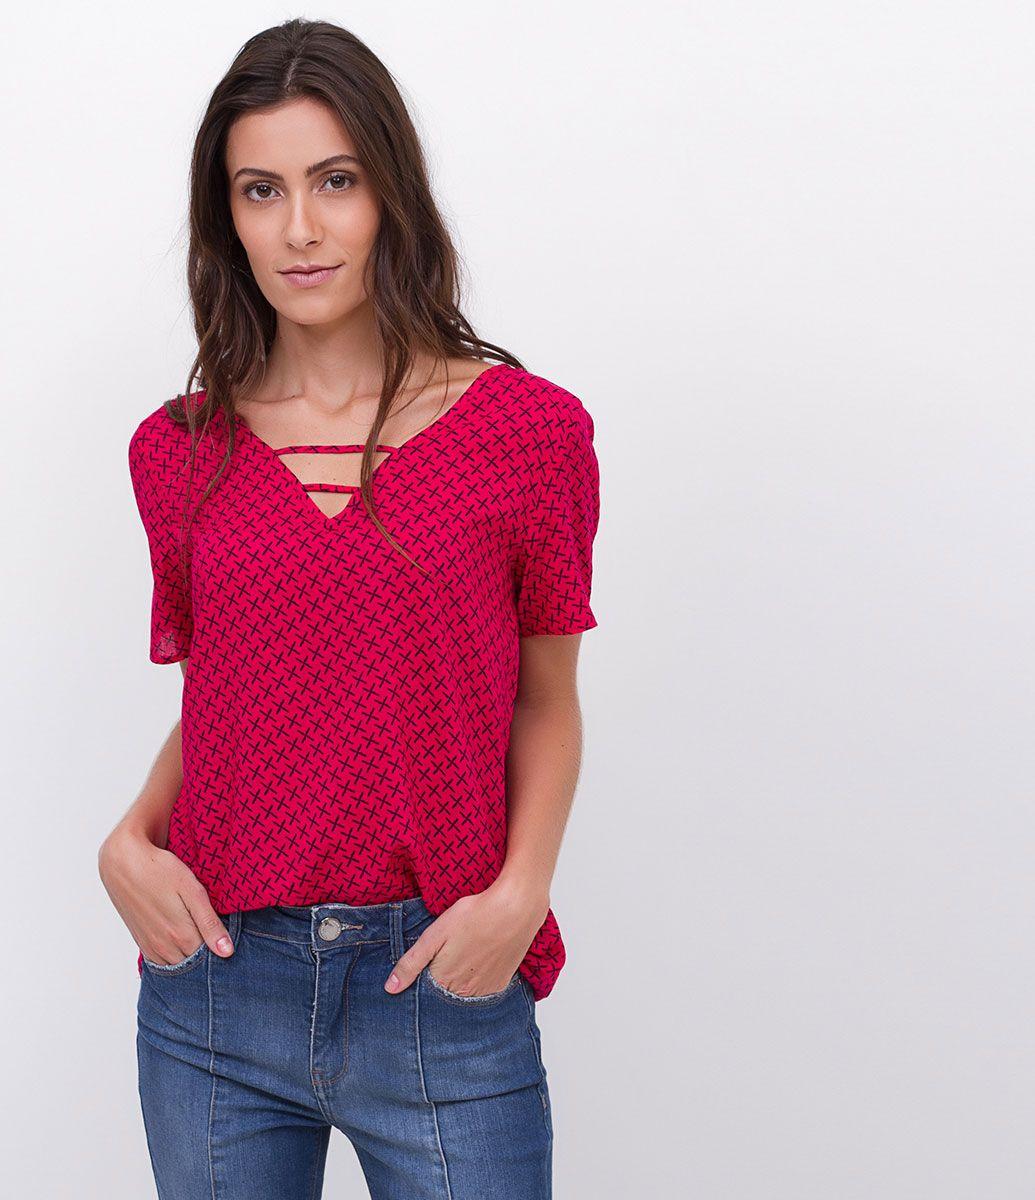 c108e8f3be912 Blusa feminina Manga curta Estampada Marca  Marfinno Tecido  viscose  Composição  100% viscose